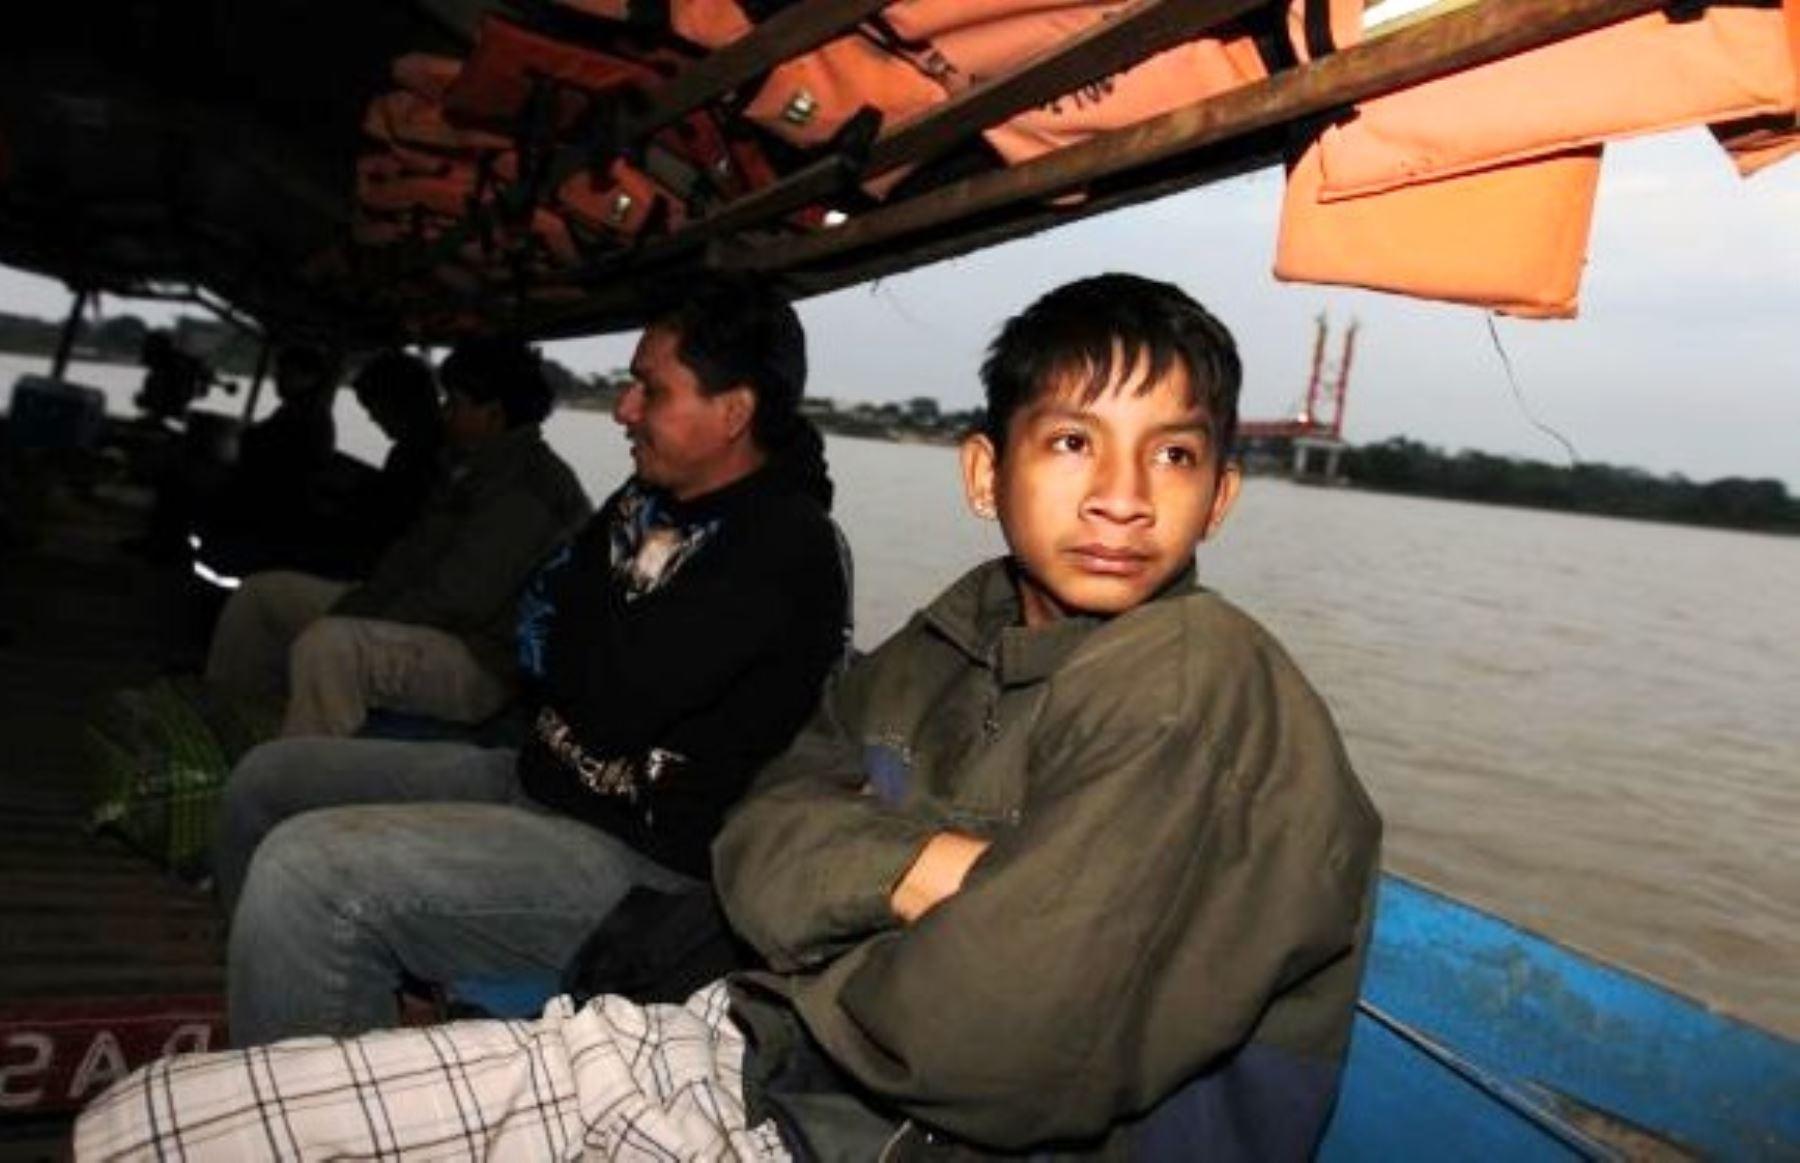 El sexto friaje de este año ingresará a la selva peruana desde la madrugada del lunes 9 de julio y durará hasta la noche del miércoles 11 de julio, informó el Servicio Nacional de Meteorología e Hidrología (Senamhi). Andina/Archivo